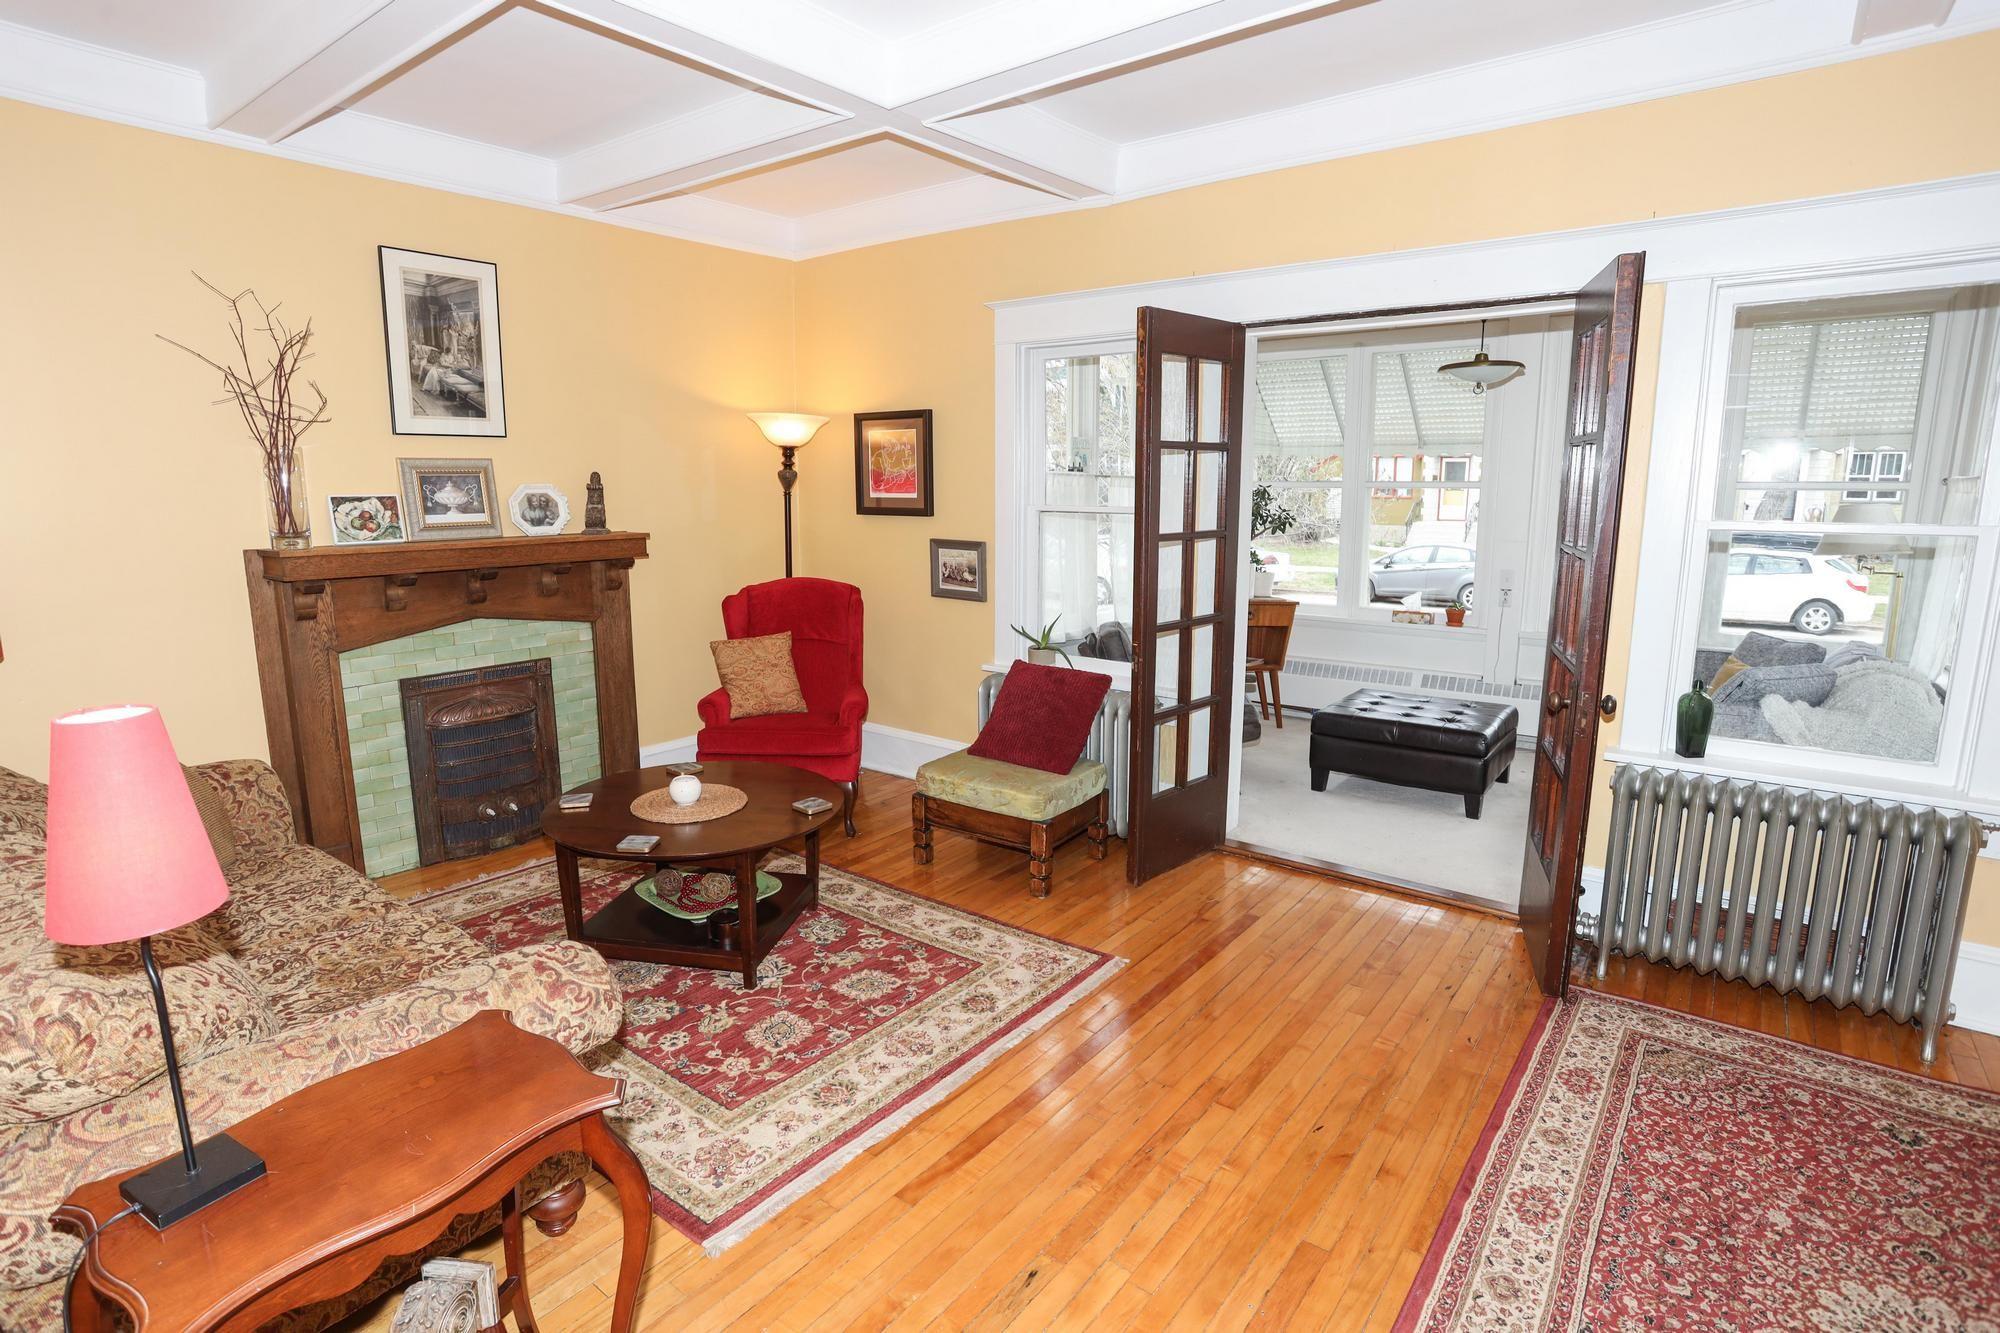 Photo 6: Photos: 35 Lipton Street in Winnipeg: Wolseley Single Family Detached for sale (5B)  : MLS®# 202110486